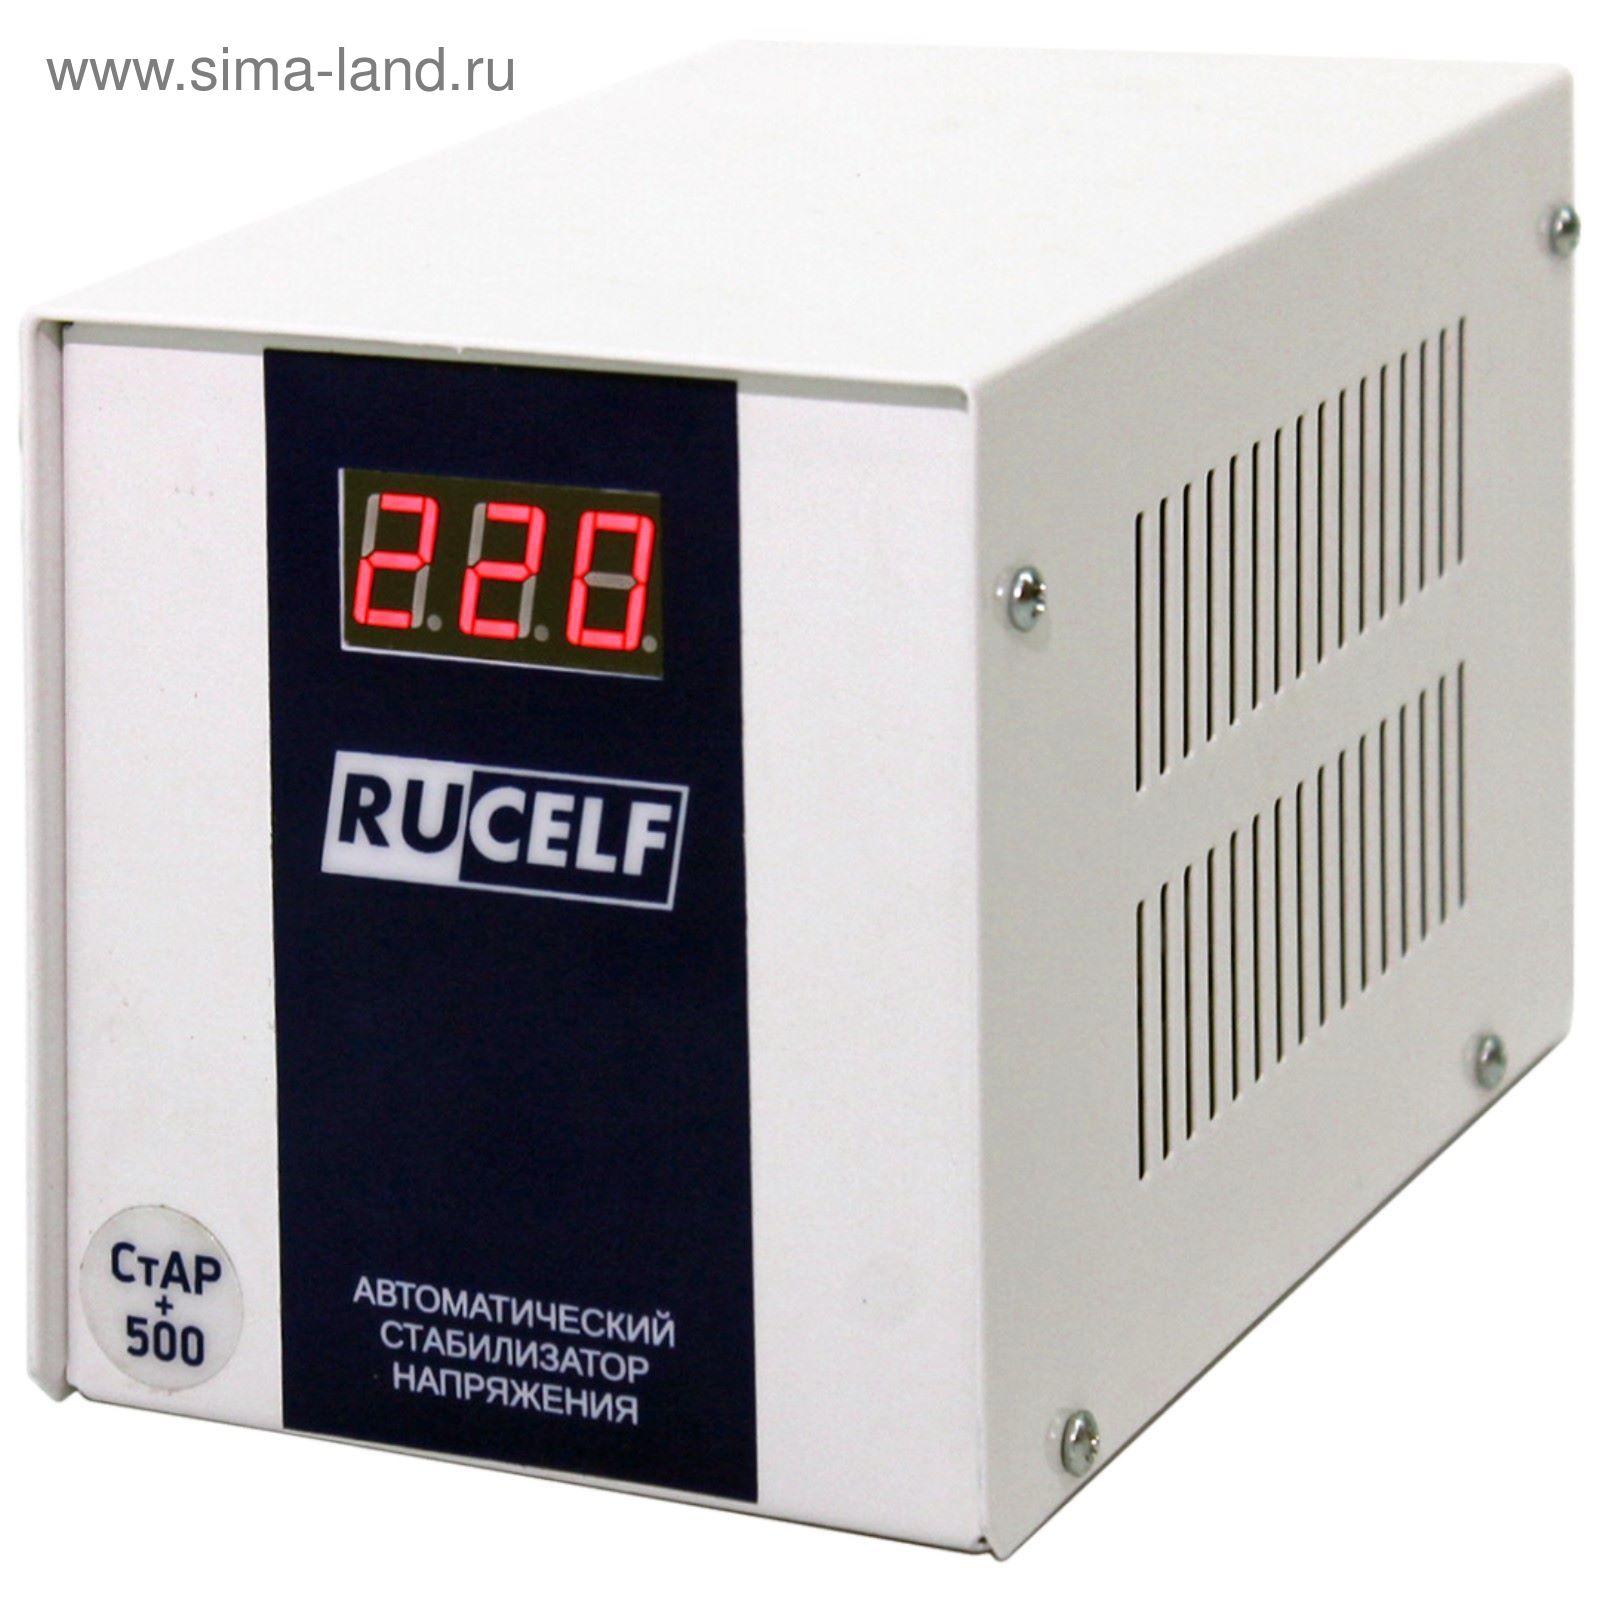 Чем отличаются стабилизаторы напряжения релейные генератор бензиновый трехфазный 5 квт